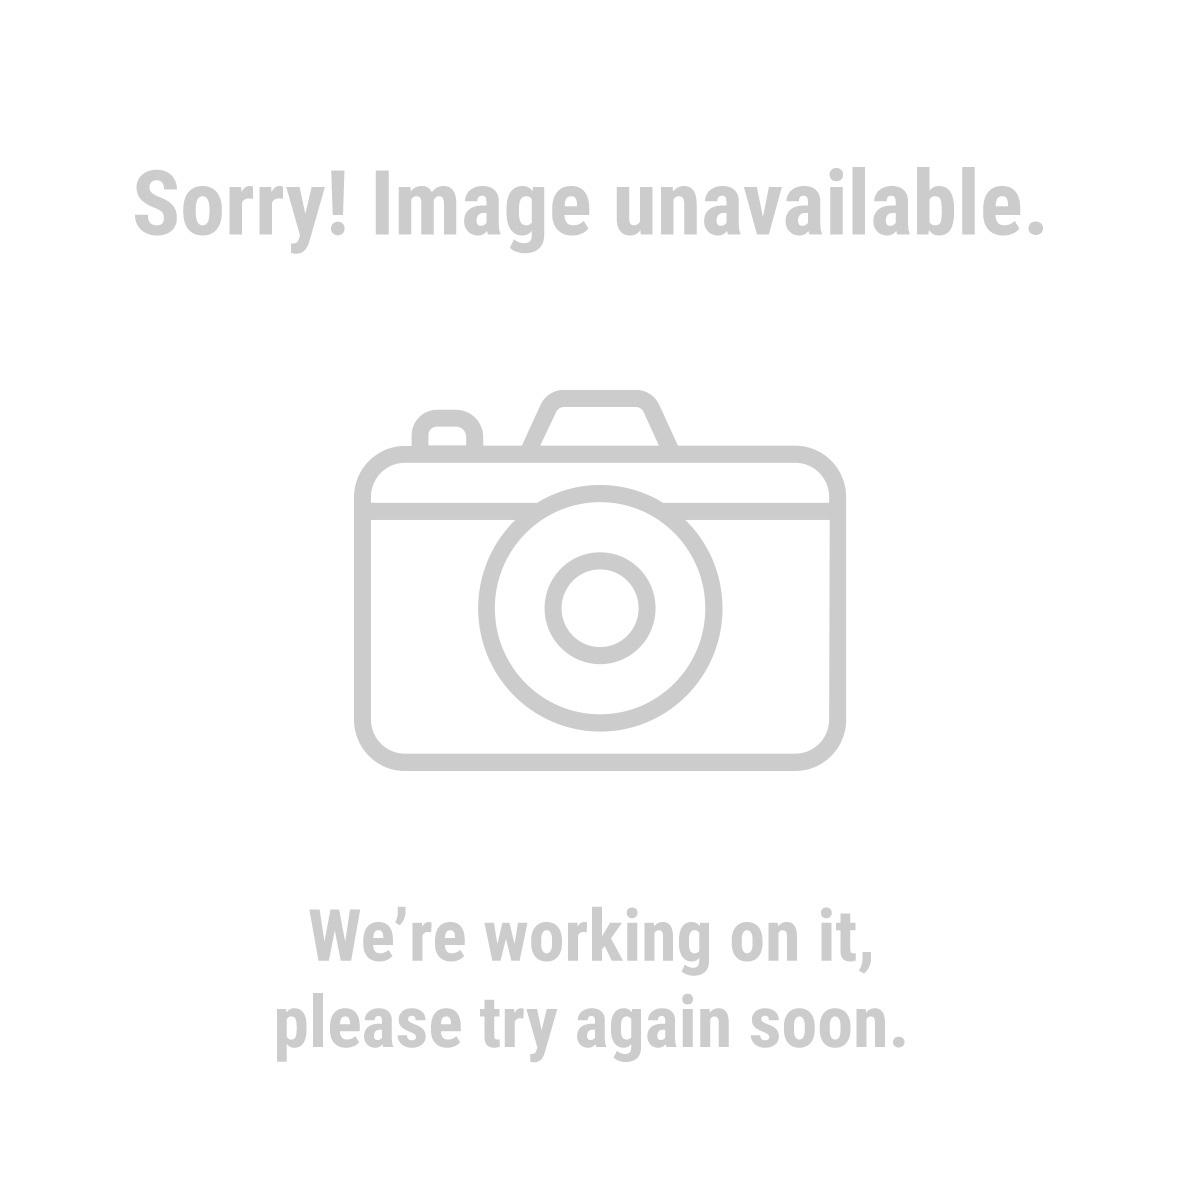 110 Lb Pressurized Abrasive Blaster